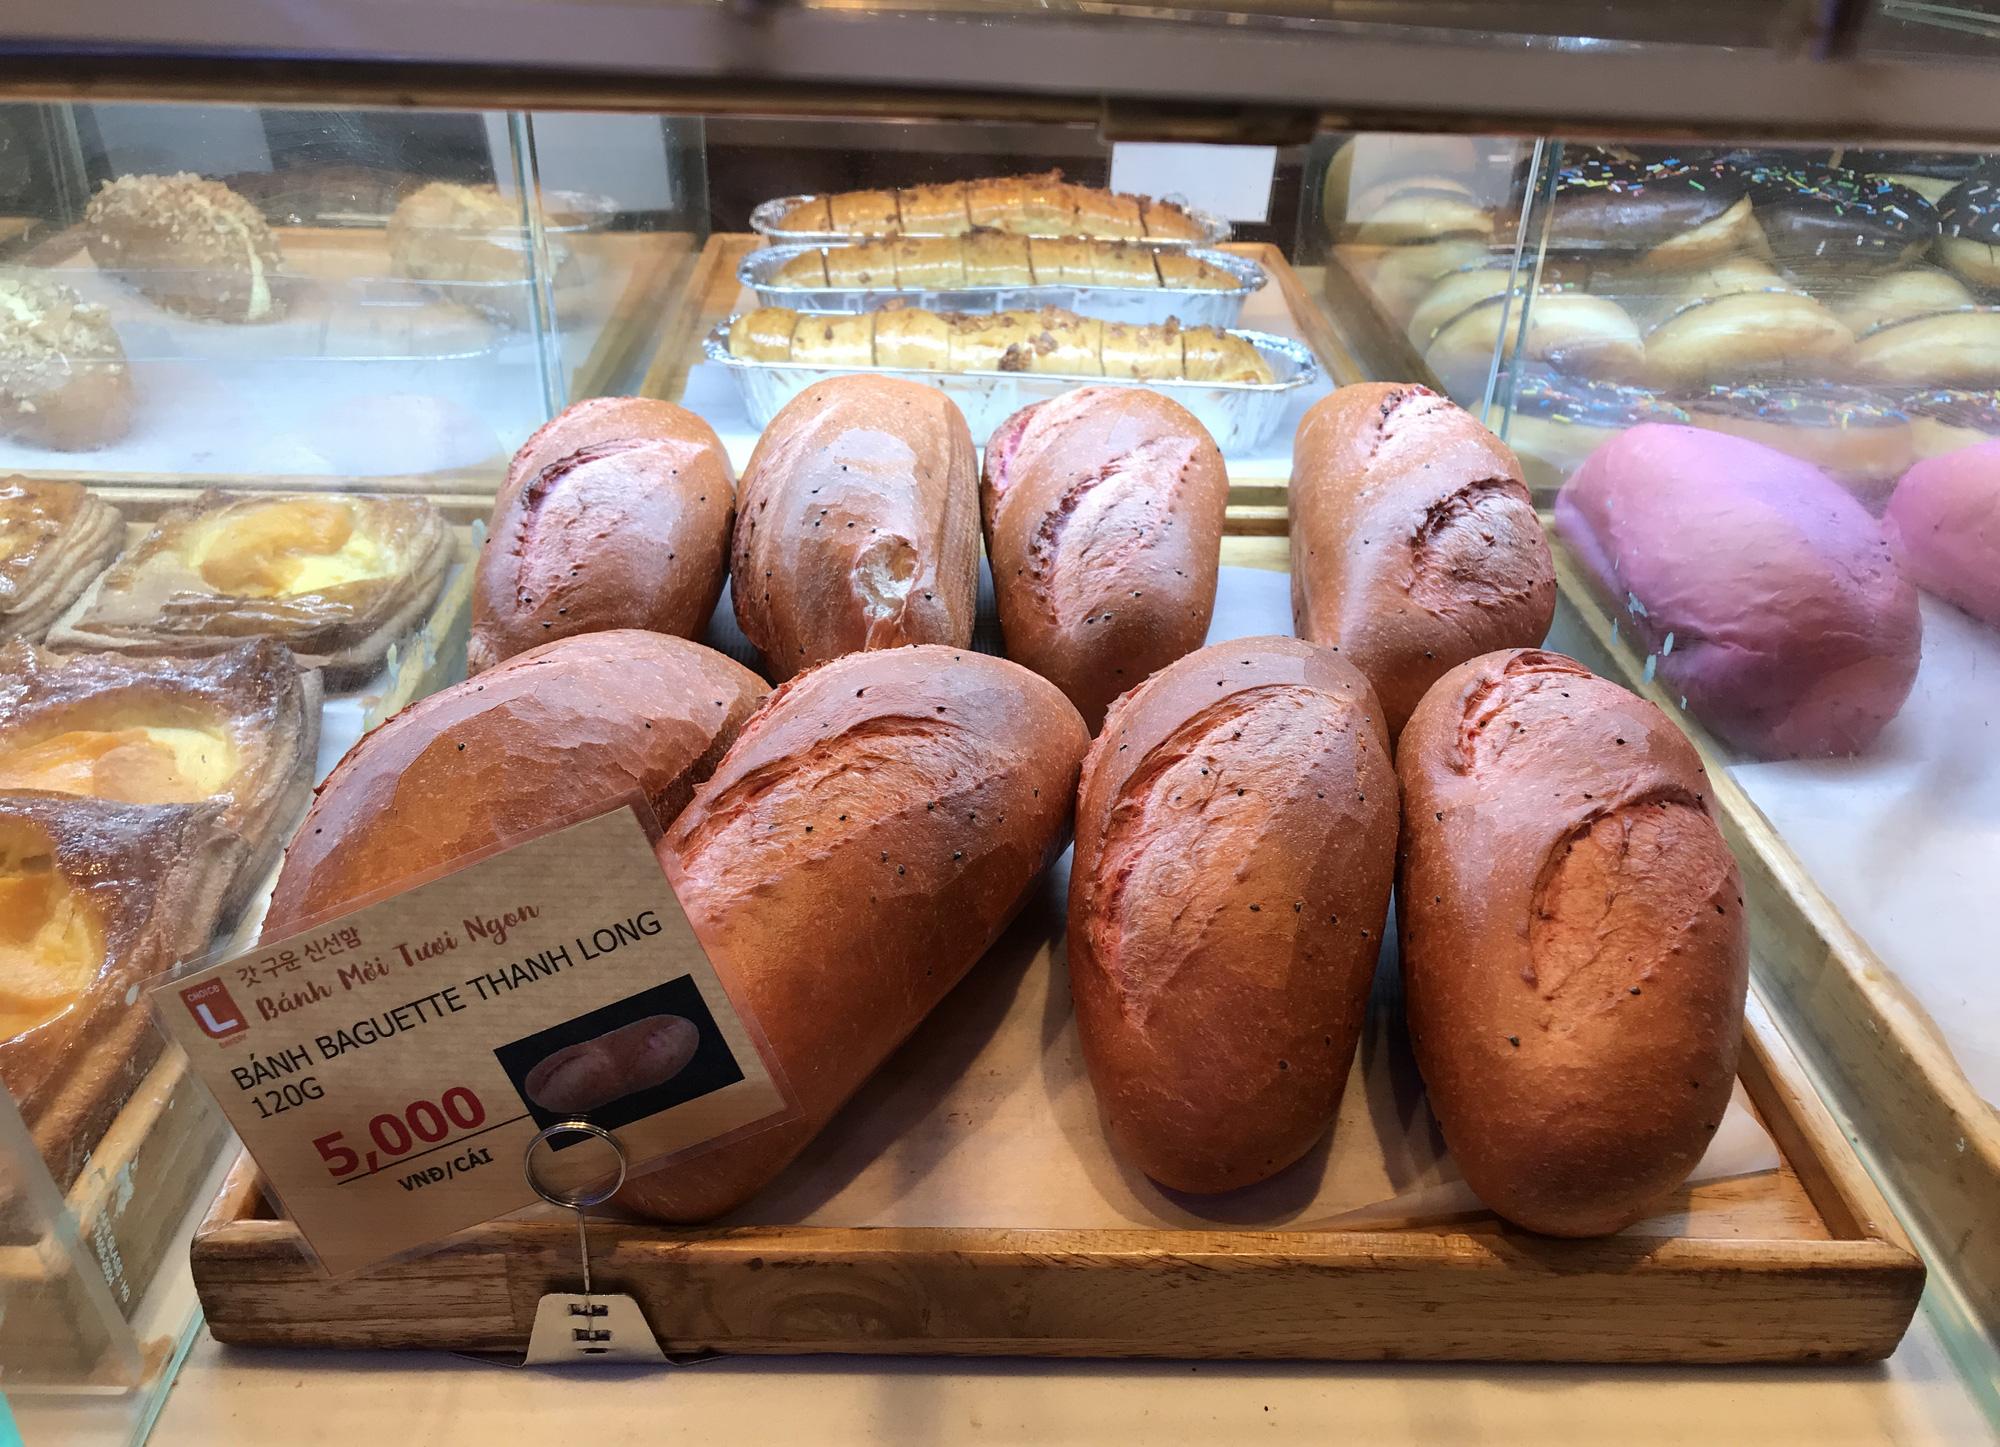 Sau 'vua bánh mì', một loạt siêu thị cùng vào cuộc làm bánh mì thanh long giải cứu nông sản, giá chỉ 4.500 đồng - Ảnh 1.